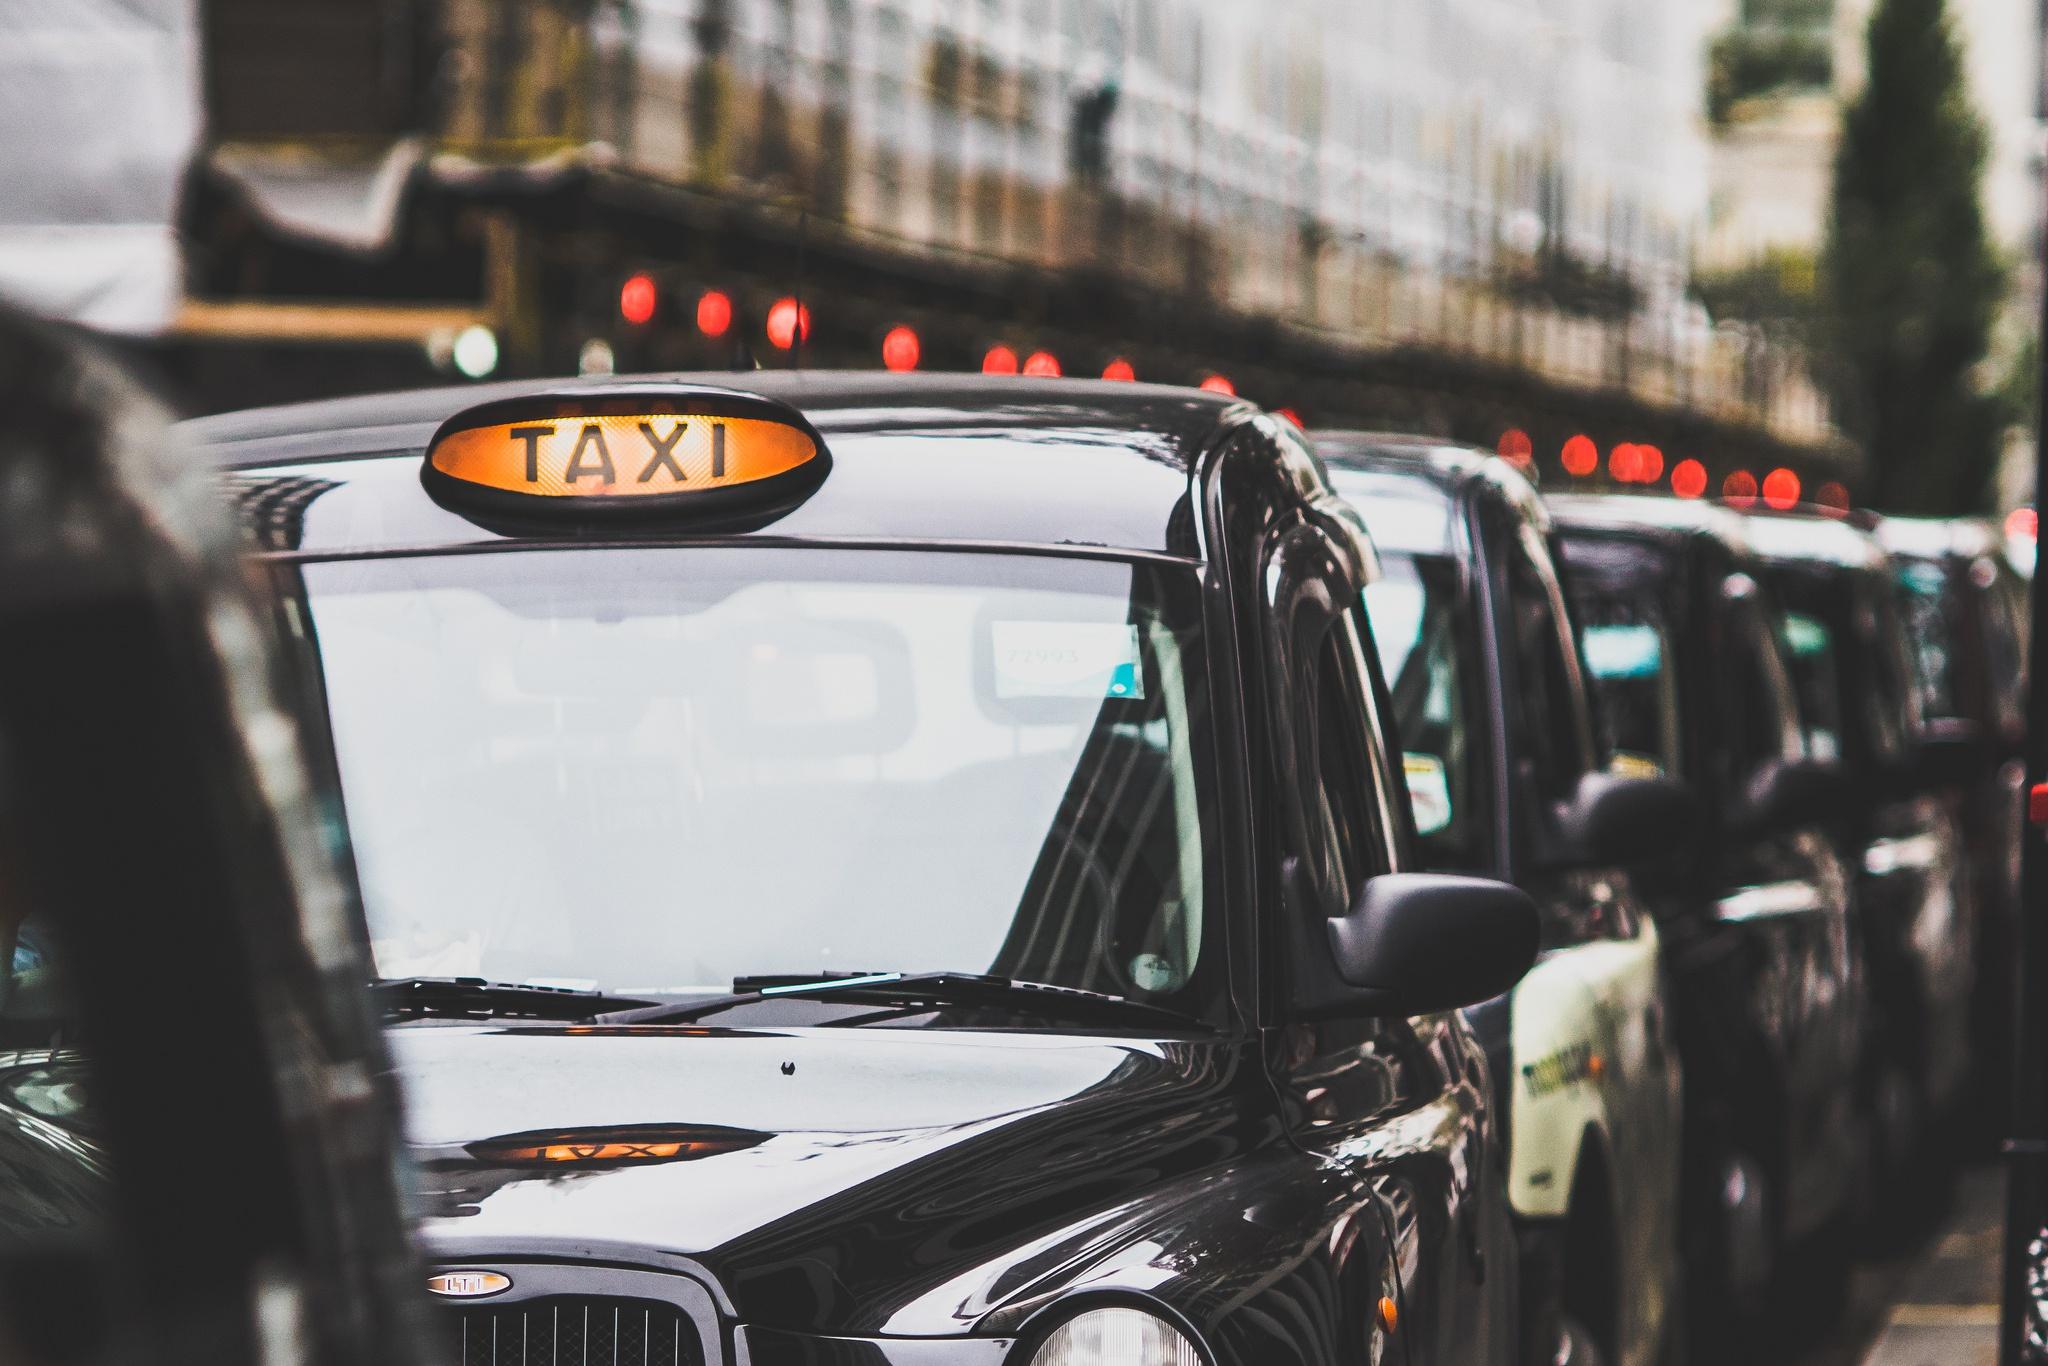 фиточаи картинка такси на английскому напряженность электрического поля